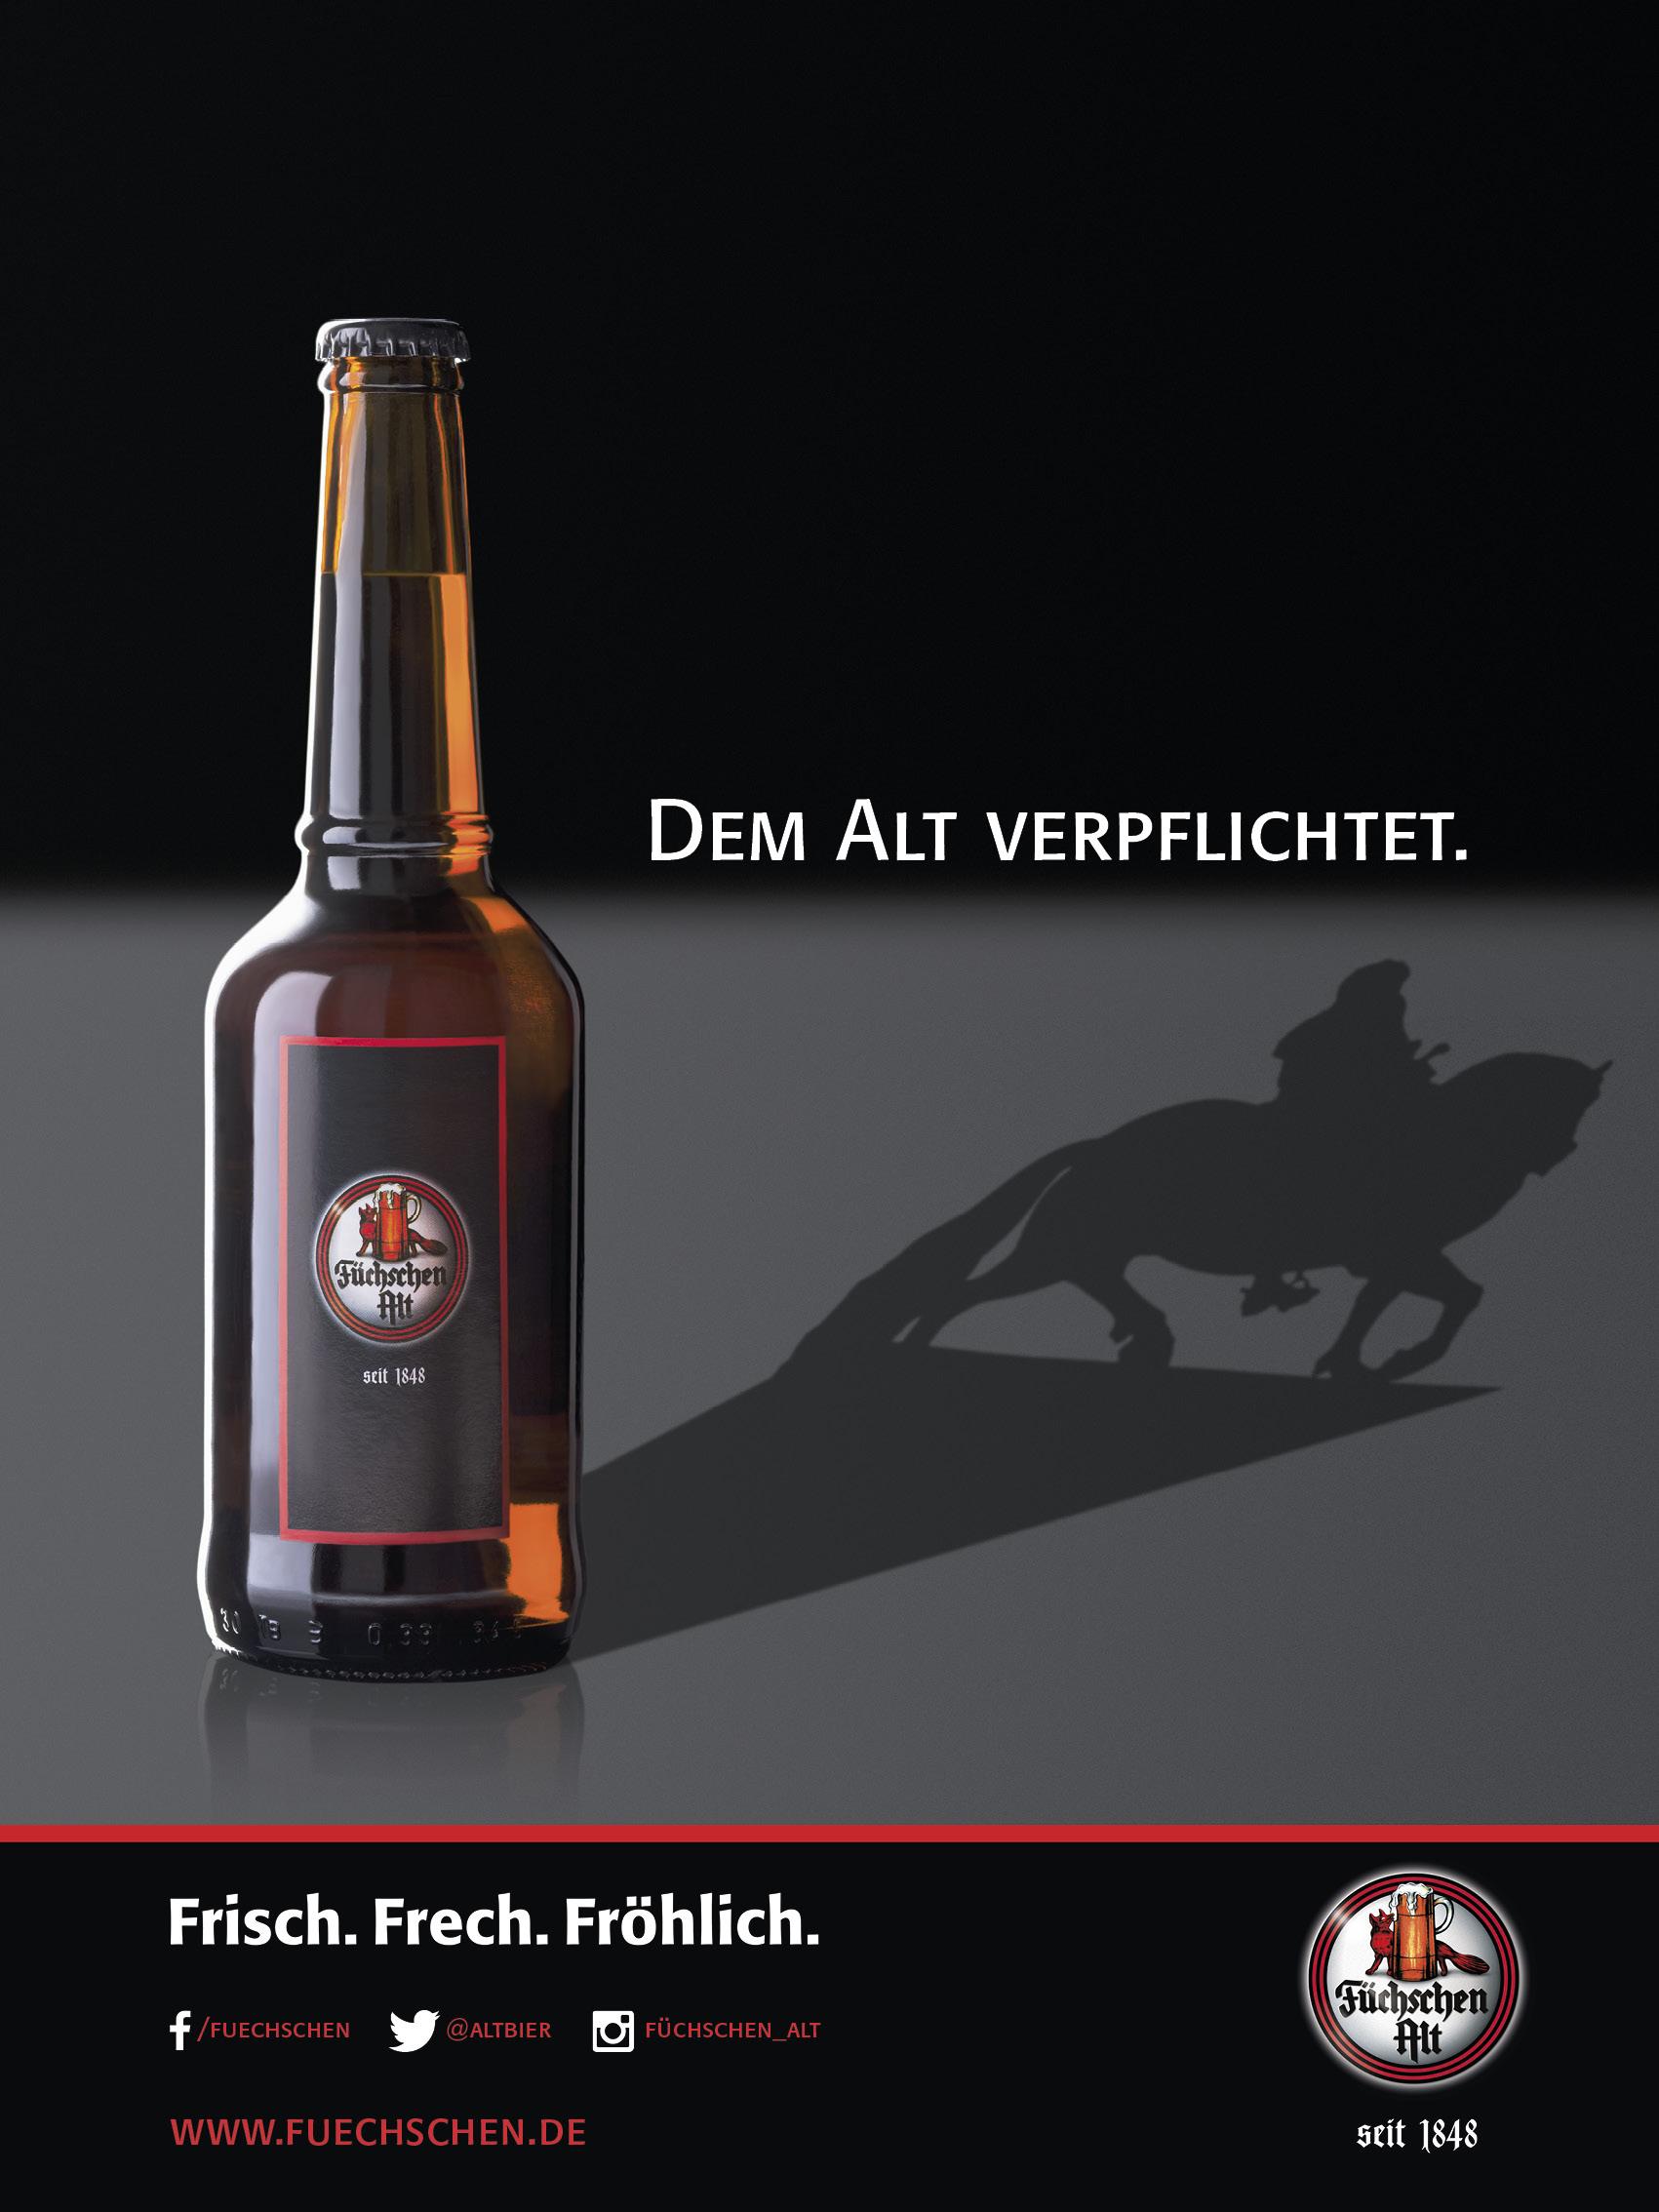 Fuechschen_Poster_JanWellem_60x80_DemAlt.jpg